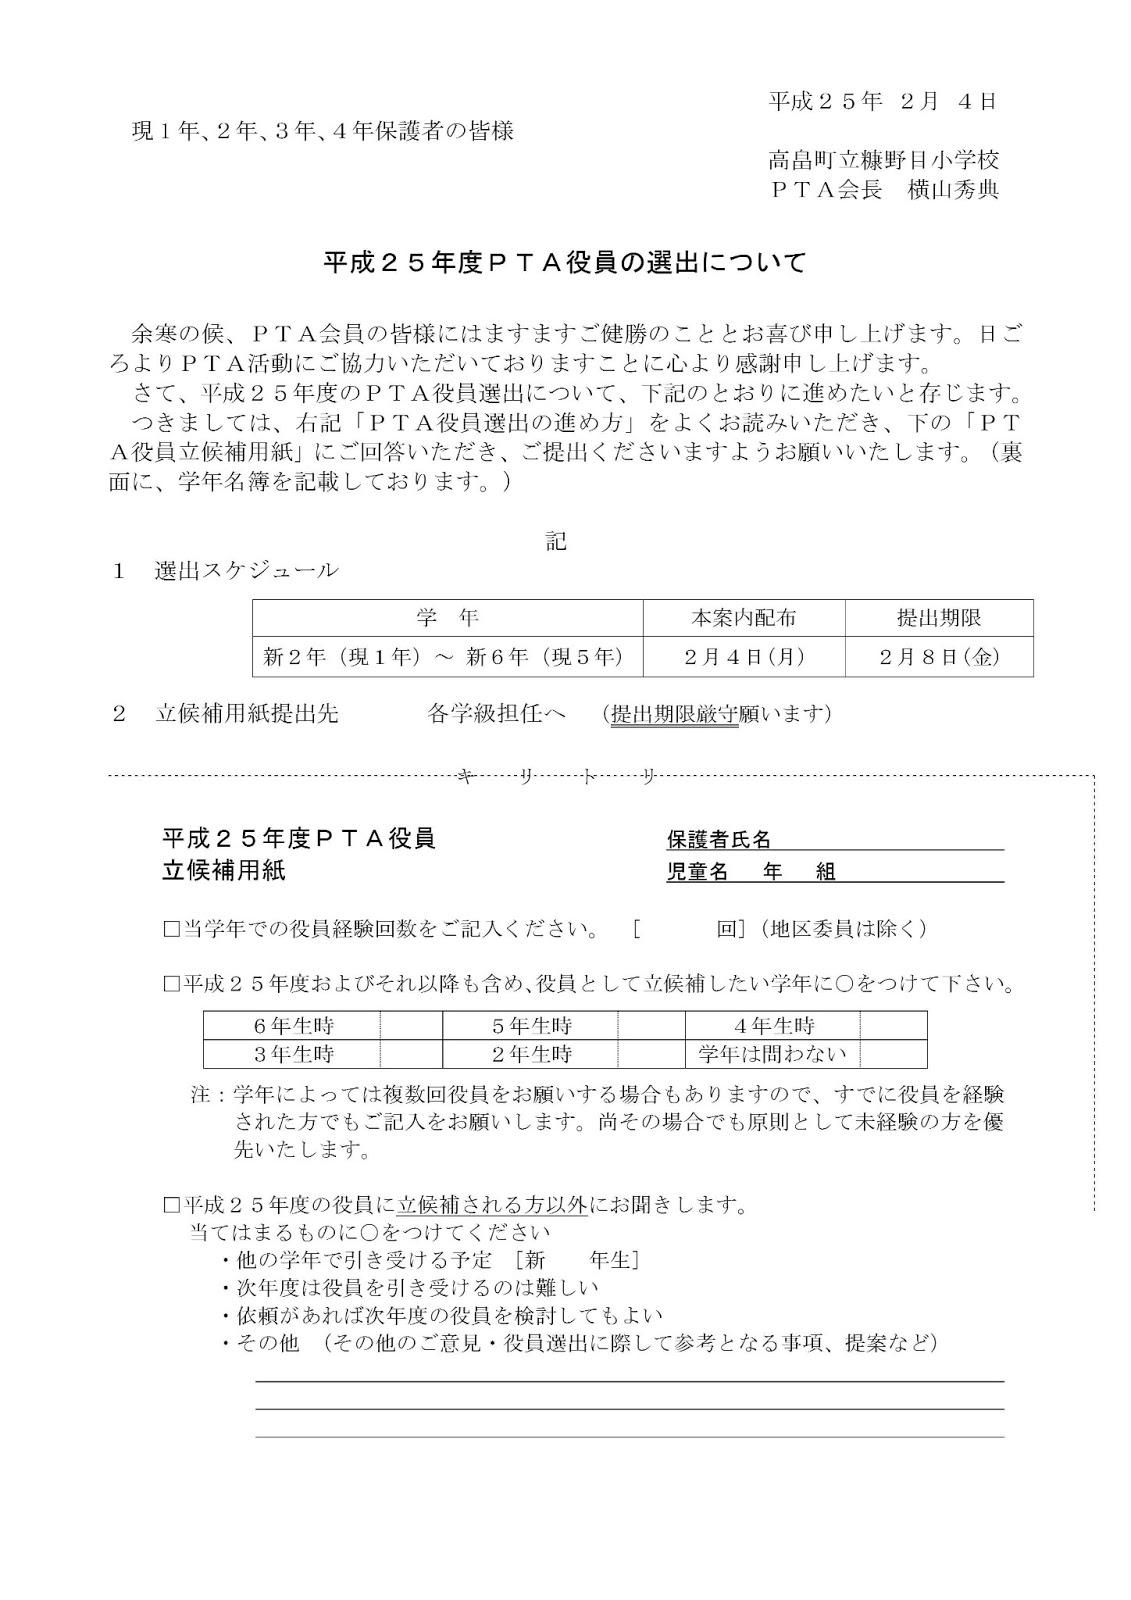 糠野目小学校PTAブログ: 来年度役員の選出について